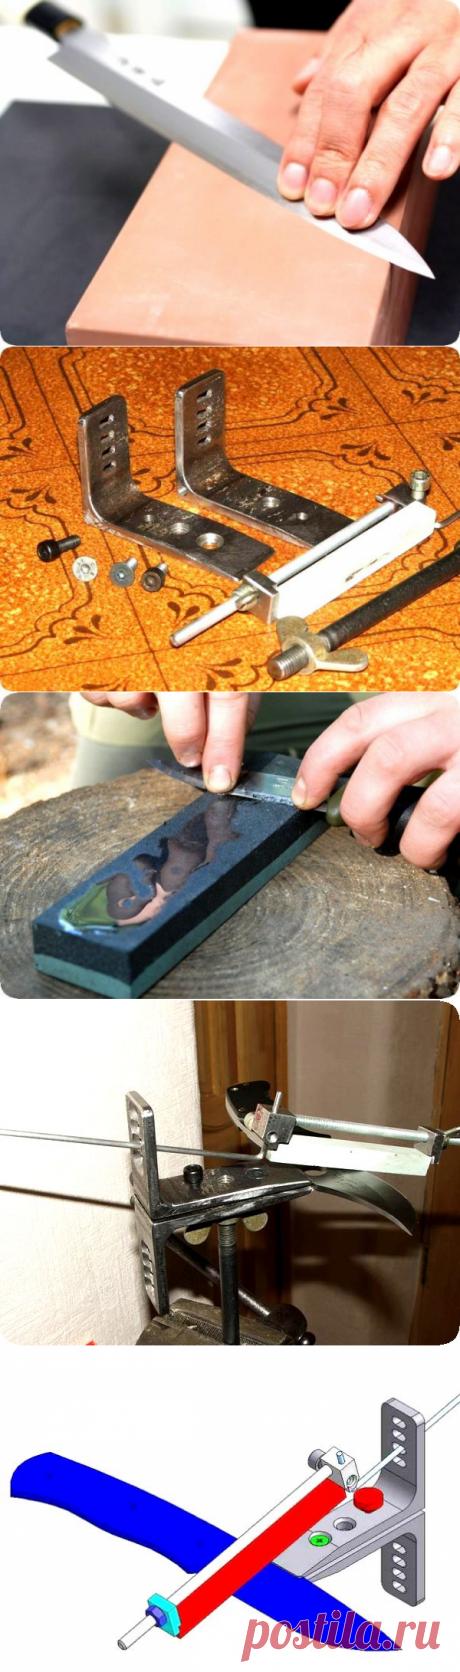 Приспособление для заточки ножей своими руками